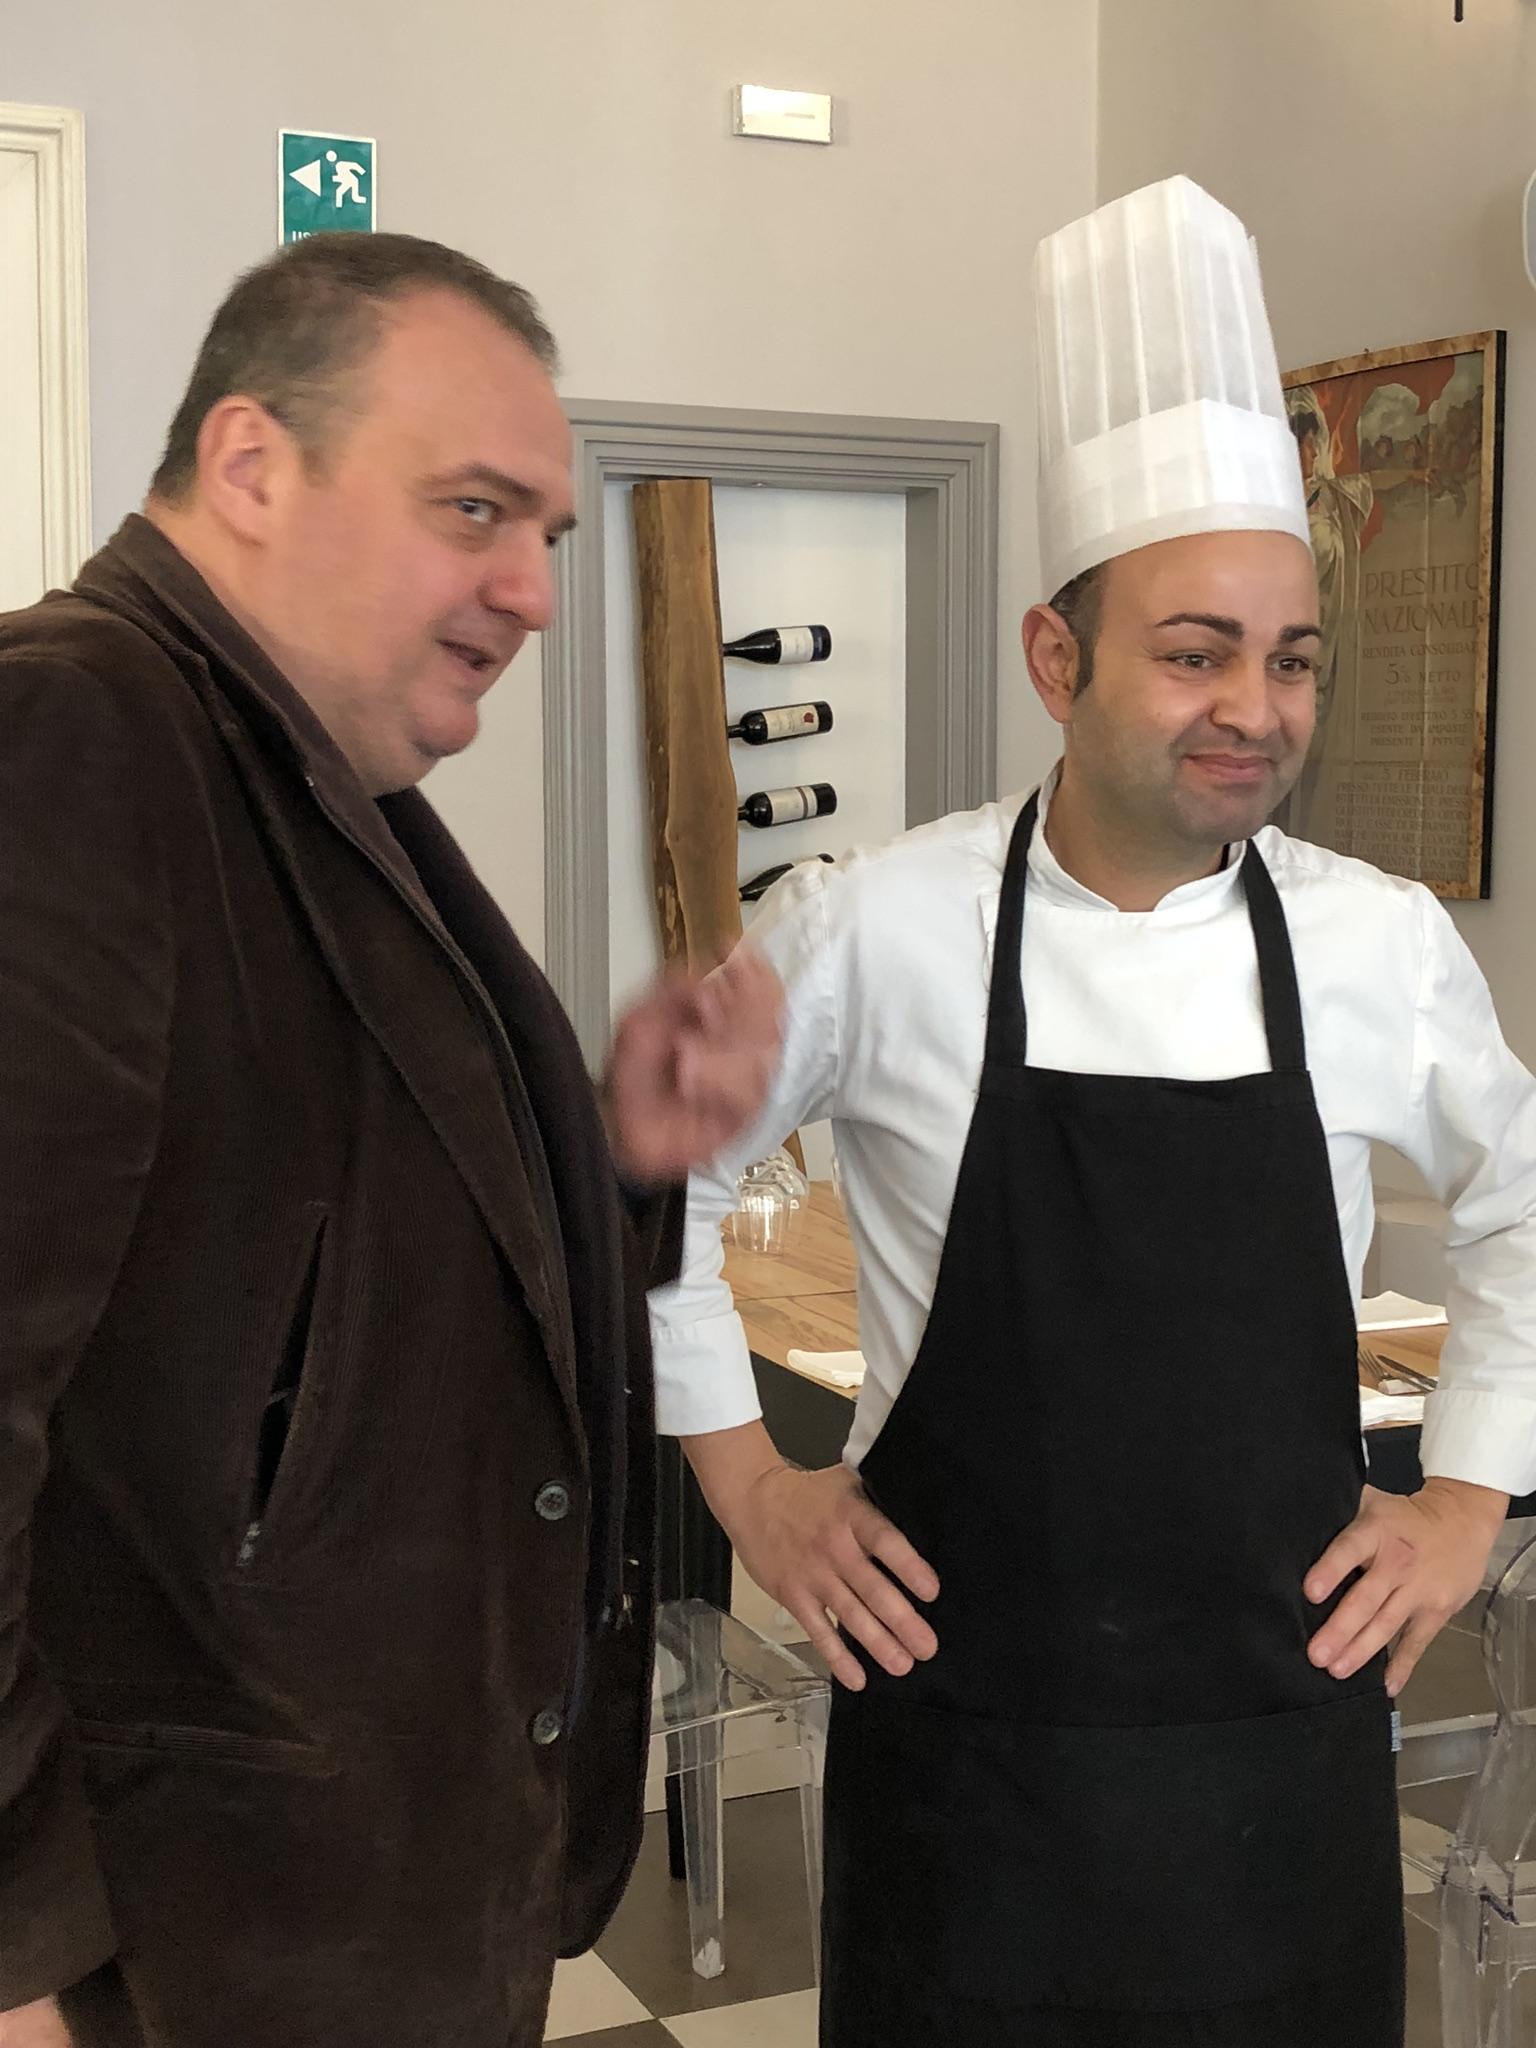 La banca Ristorante Emanuele Specchia e Paolo Trevisani